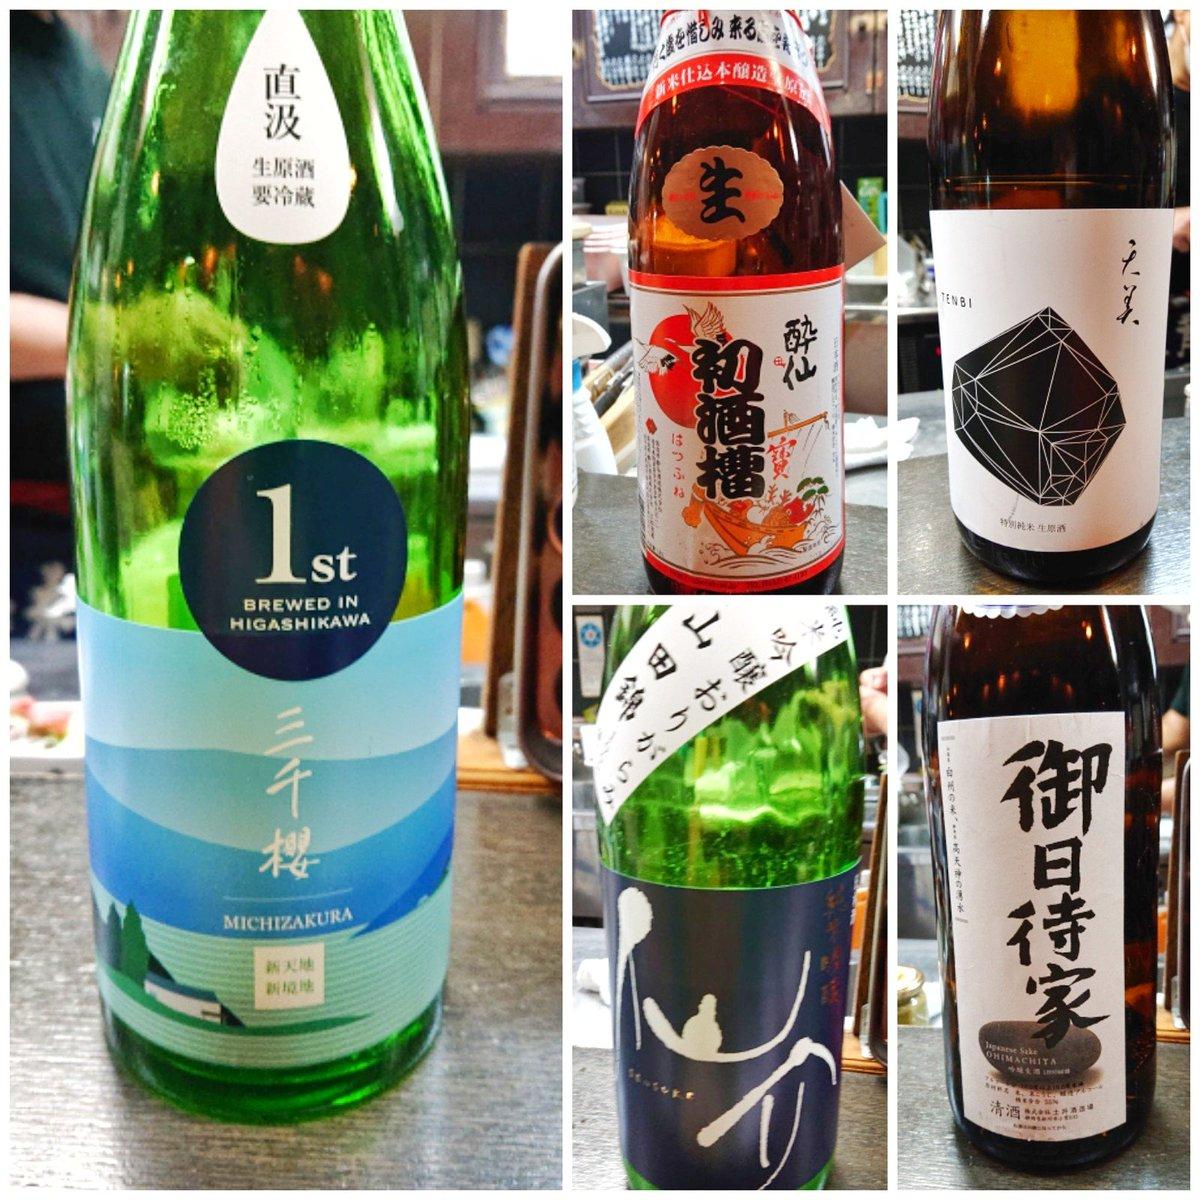 test ツイッターメディア - 姫路おでん。 三千櫻の記念すべきな酒。天美もあった。 樂醉くばら。 https://t.co/UkpHMRwQxG